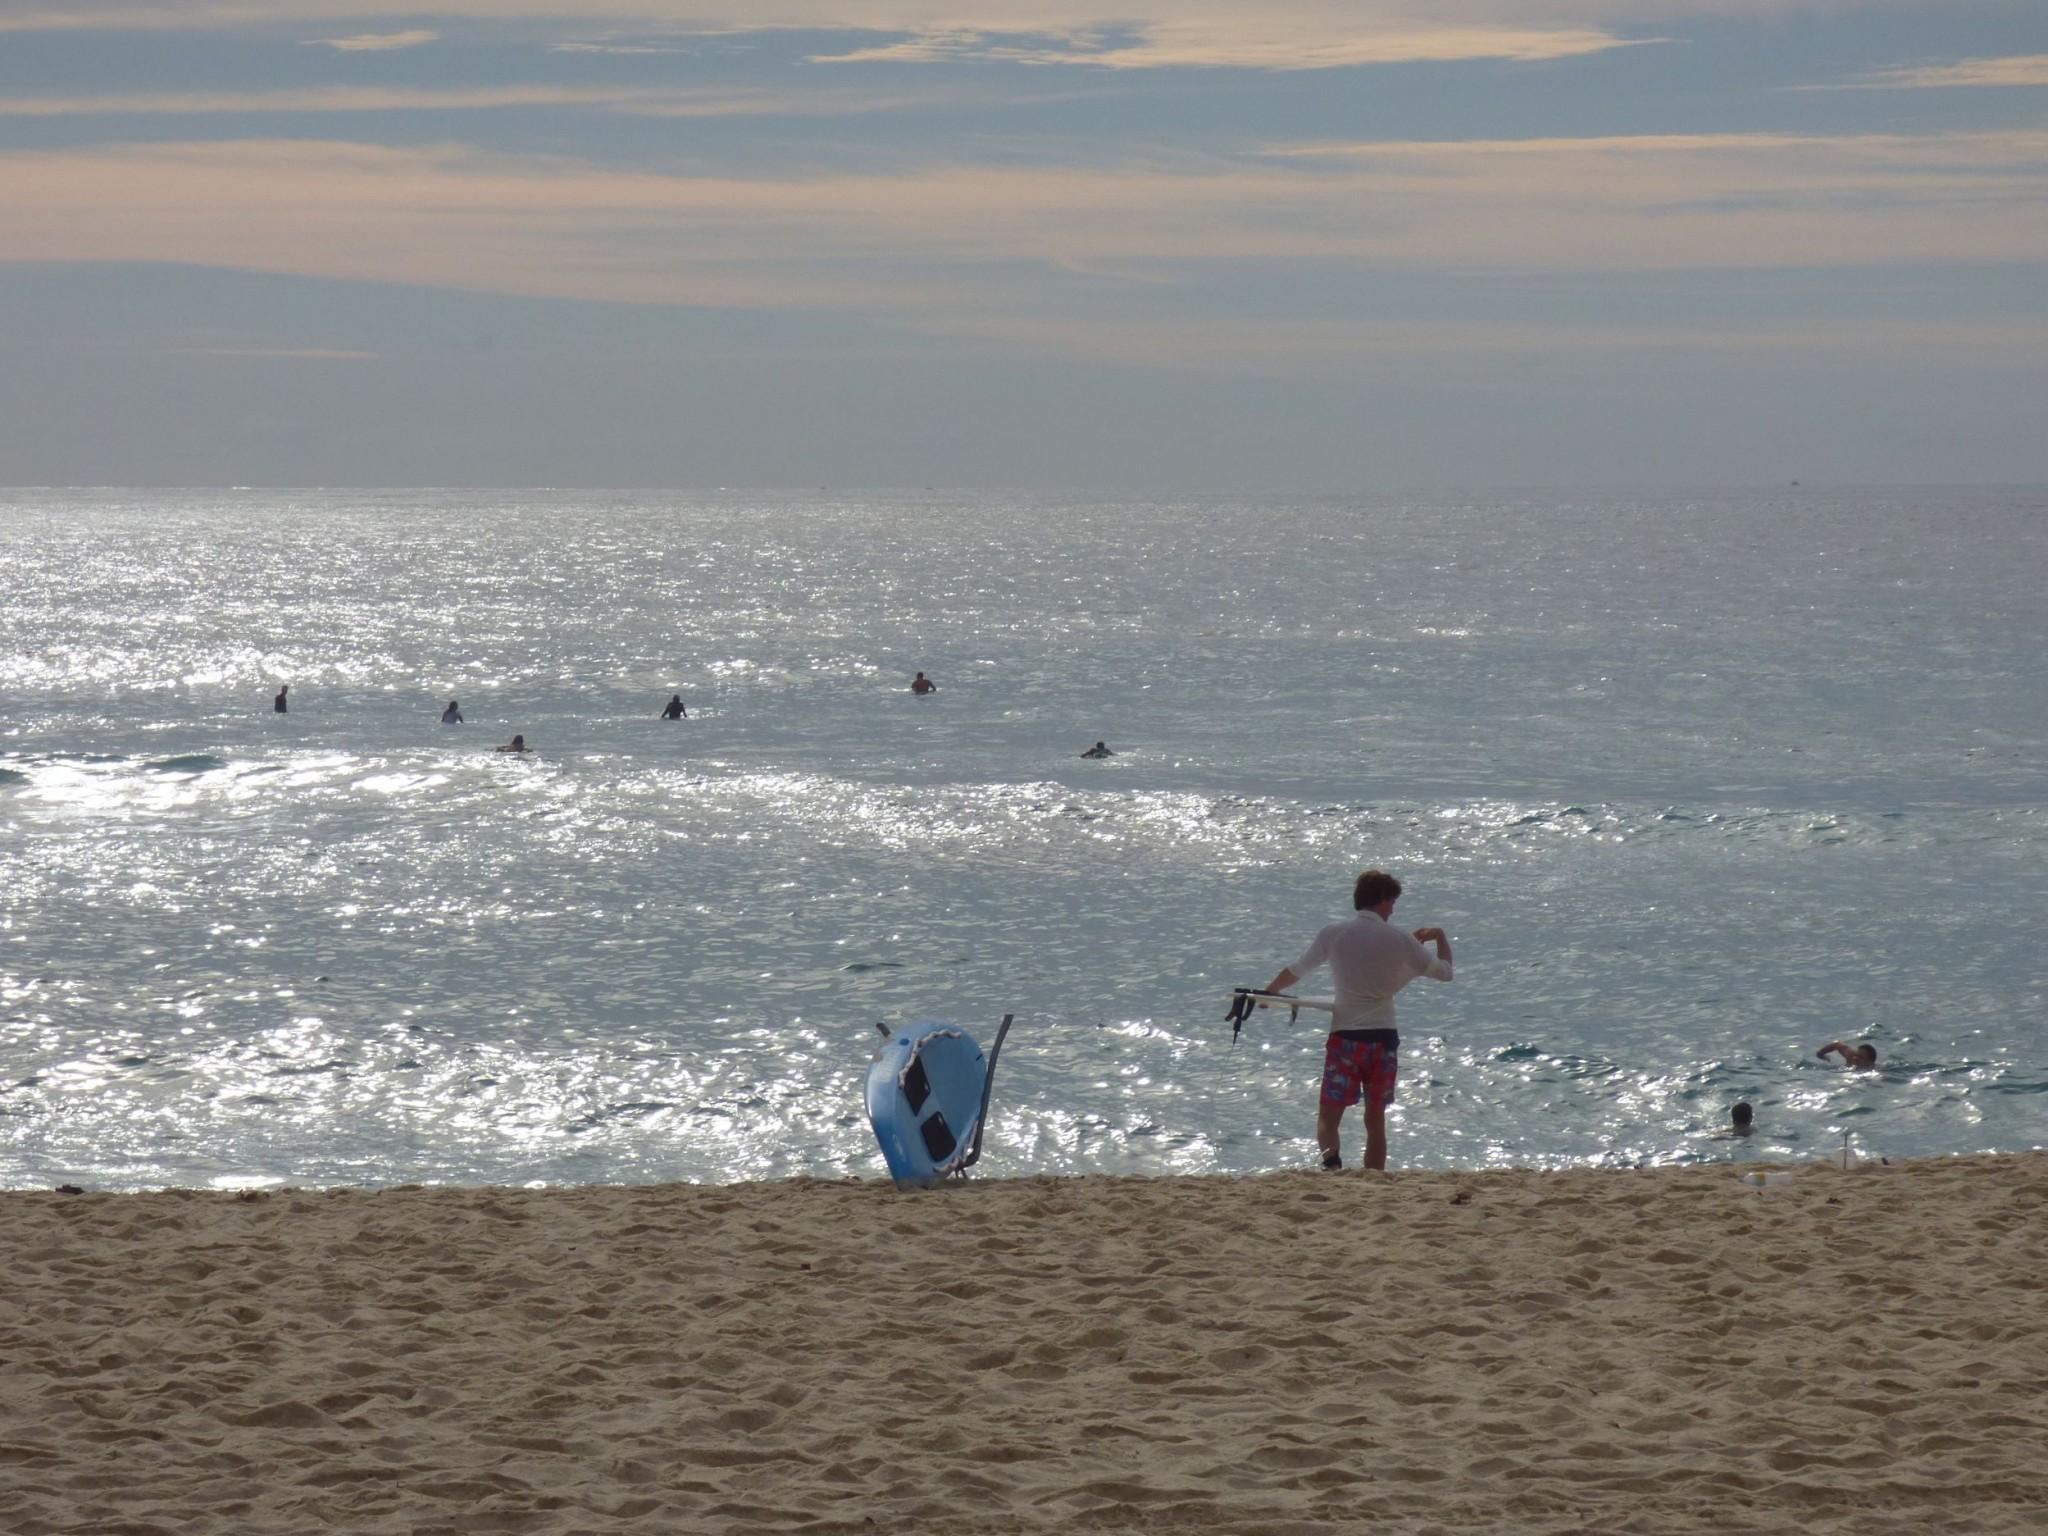 17 surfer